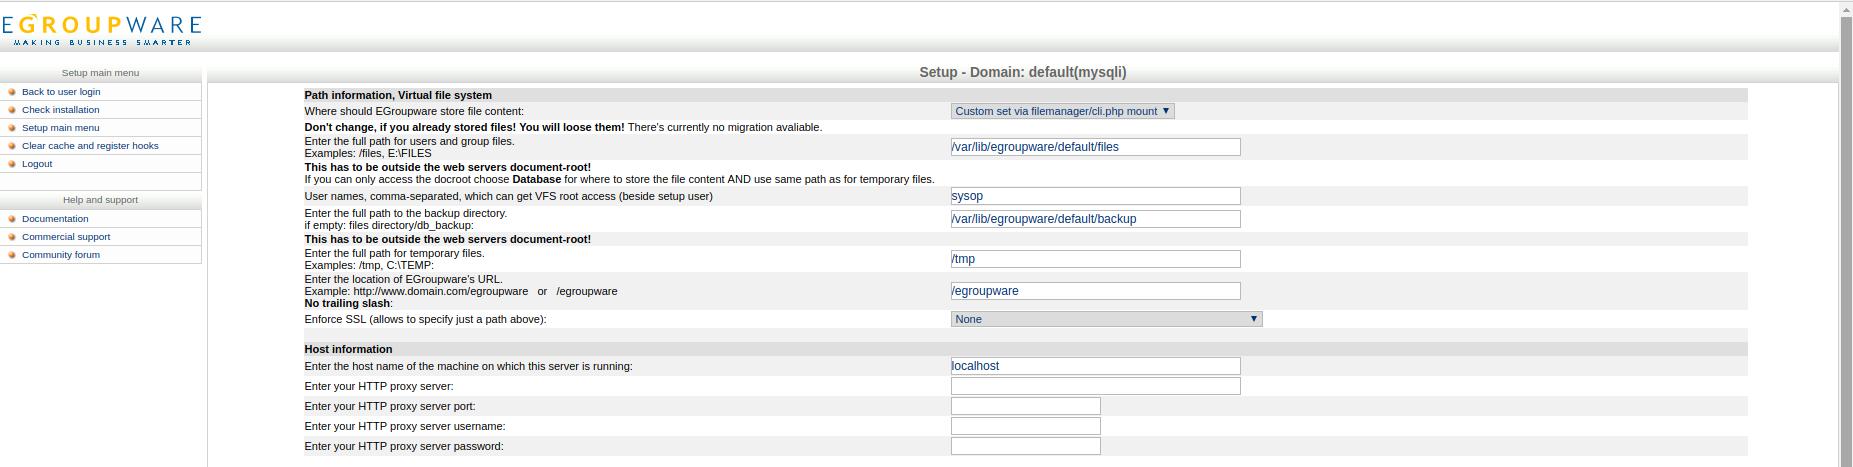 backup Existing Installation · EGroupware/egroupware Wiki · GitHub